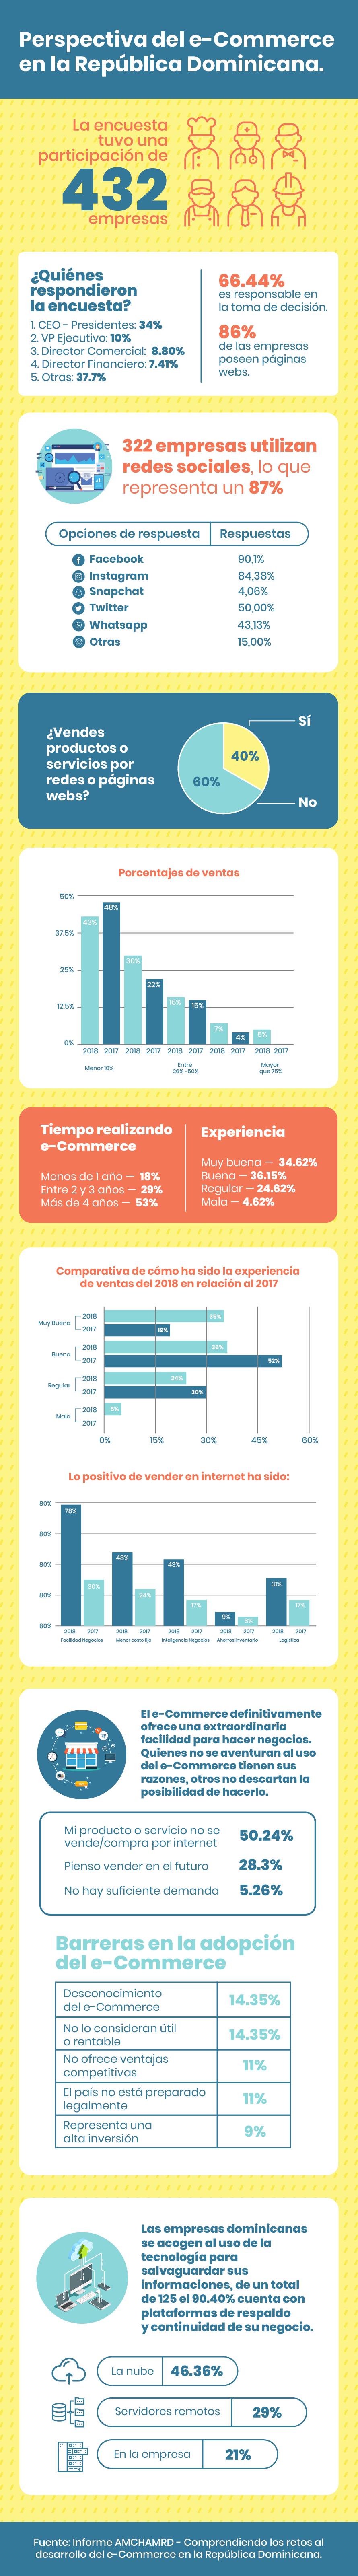 PERSPECTIVA DEL E-COMMERCE EN LA REPÚBLICA DOMINICANA-1